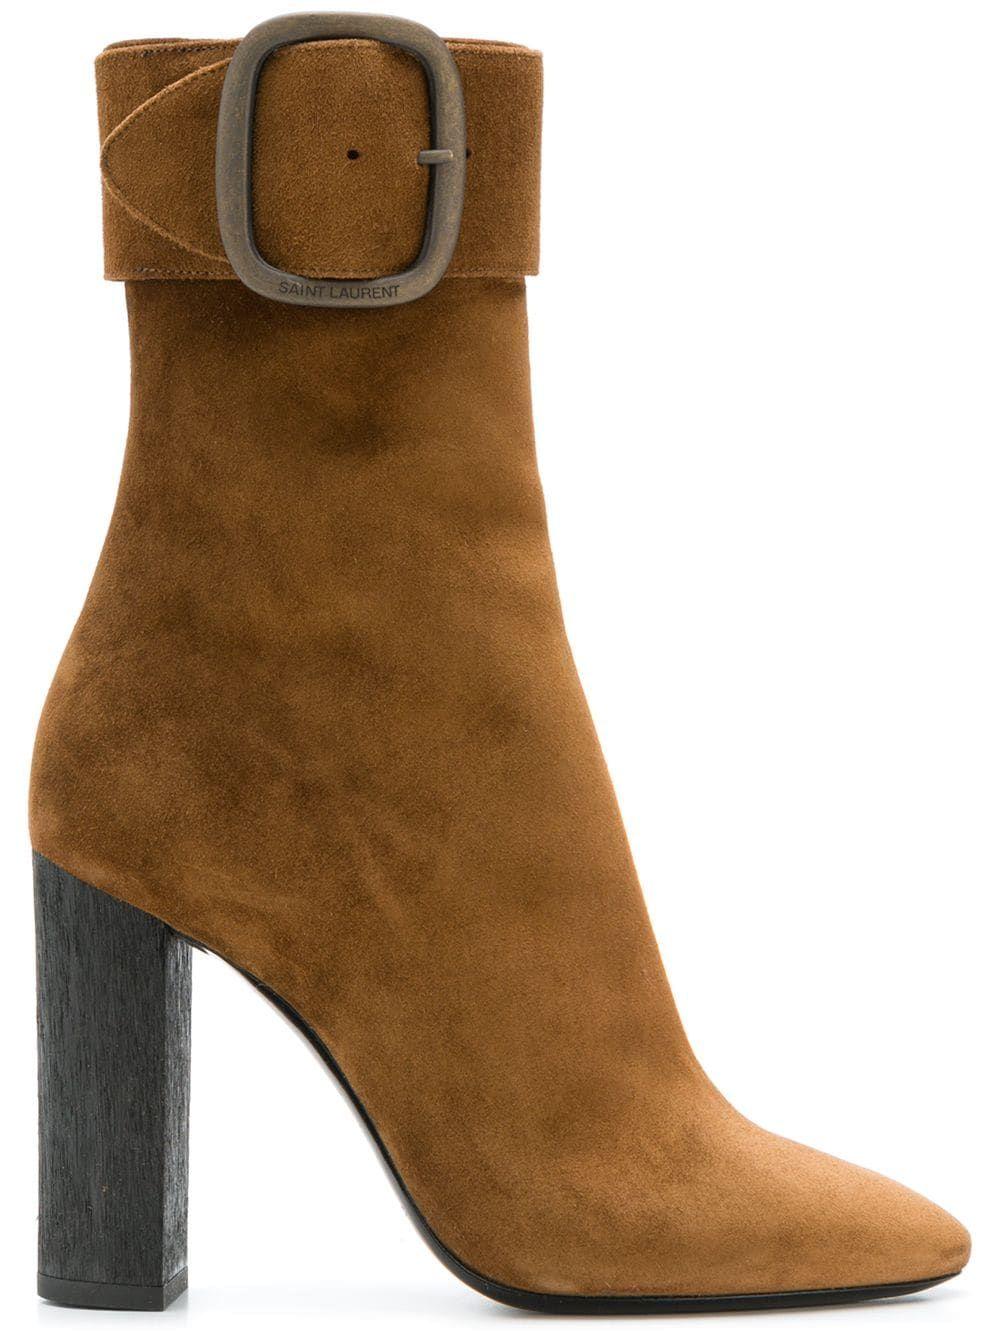 89cf9e49c1c Saint Laurent Joplin 105 ankle boots - Neutrals in 2019 | Products ...